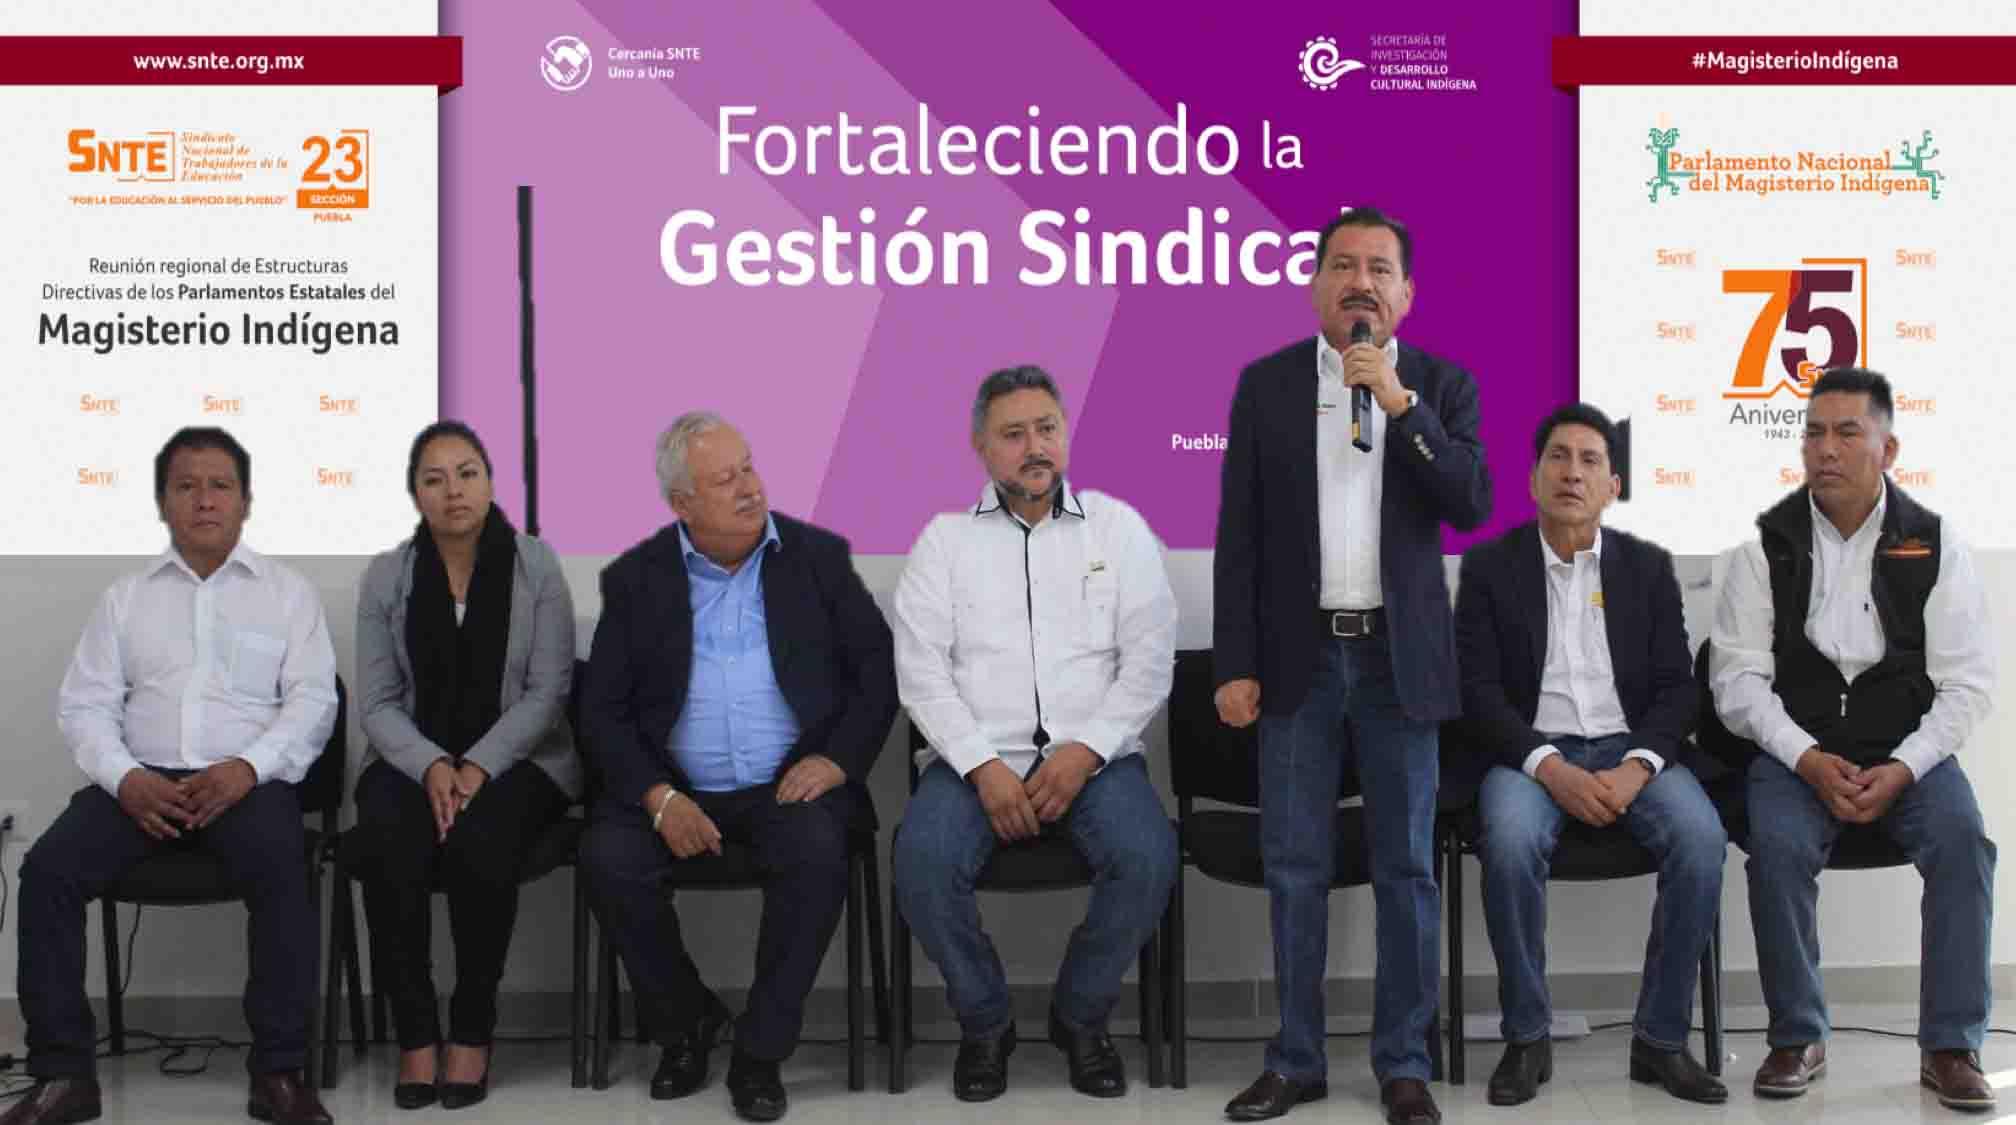 Primera Reunión Regional de Estructuras Directivas de los Parlamentos Estatales del Magisterio Indígena'.